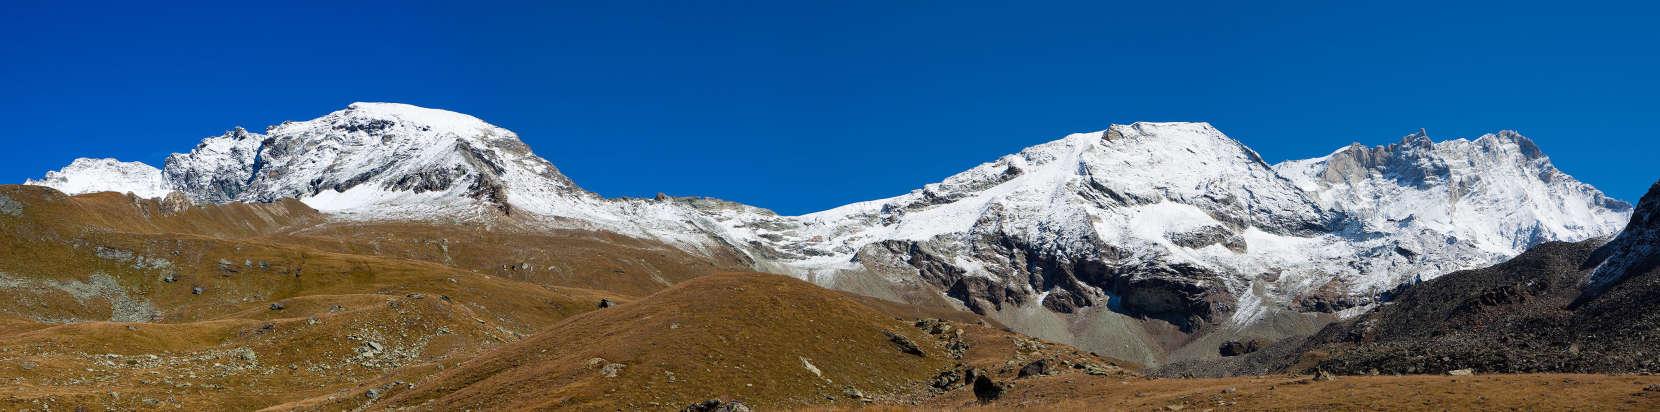 Les Diablons, Col de Tracuit, Cabane de Tracuit, Tête de Milon, Bishorn, Gd Gendarme, Weisshorn